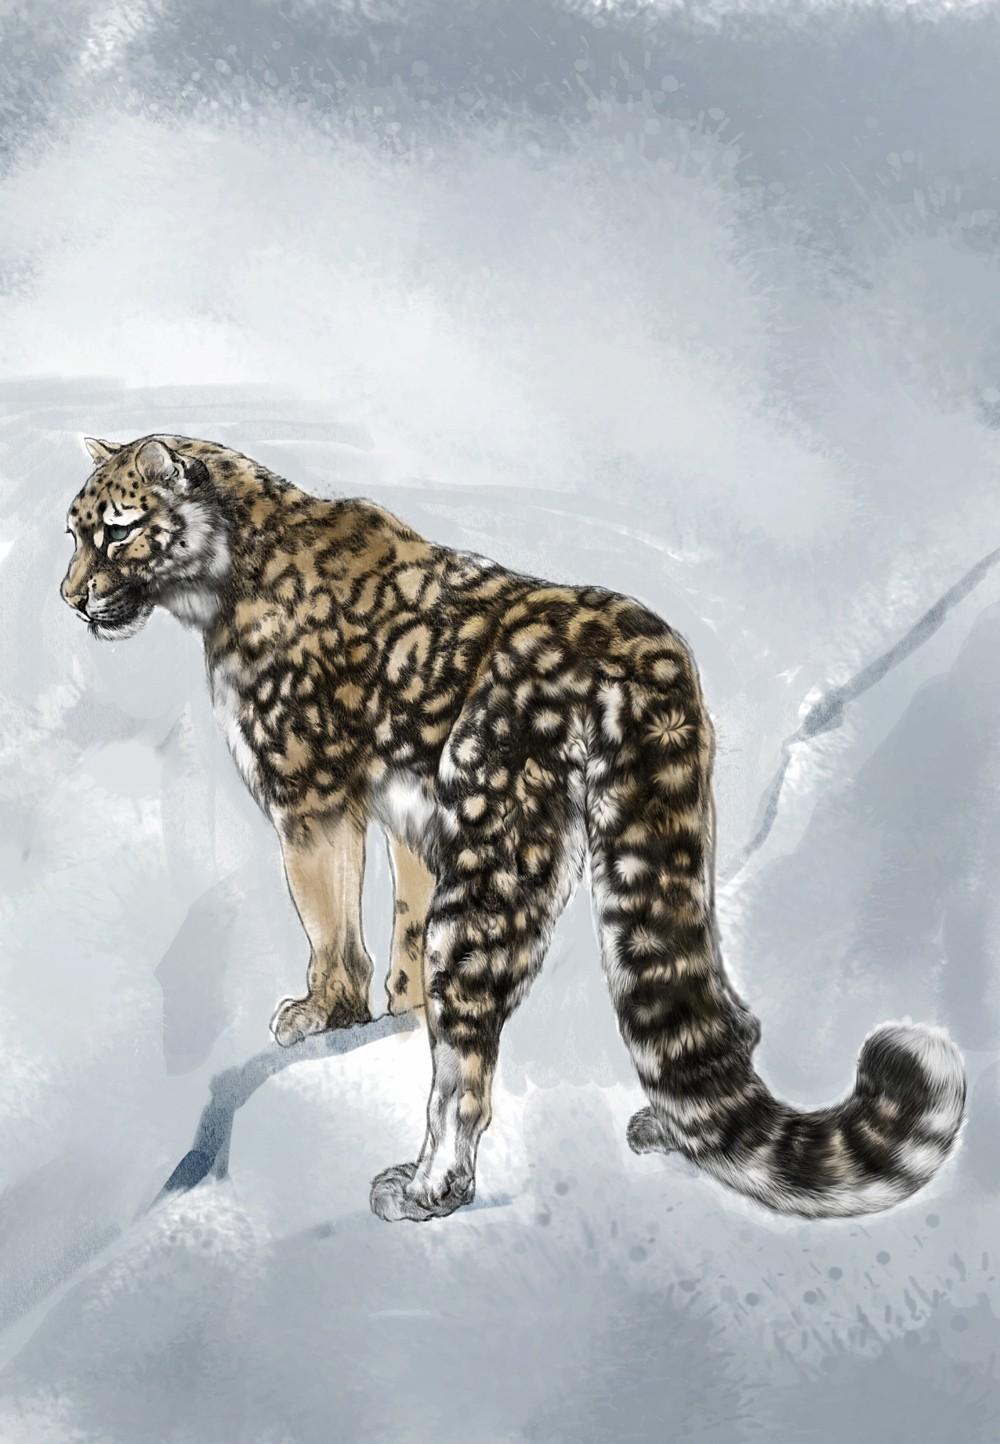 雪豹是一种美丽的动物,我准备画一张母亲和孩子的图,风雪中的雪豹母子